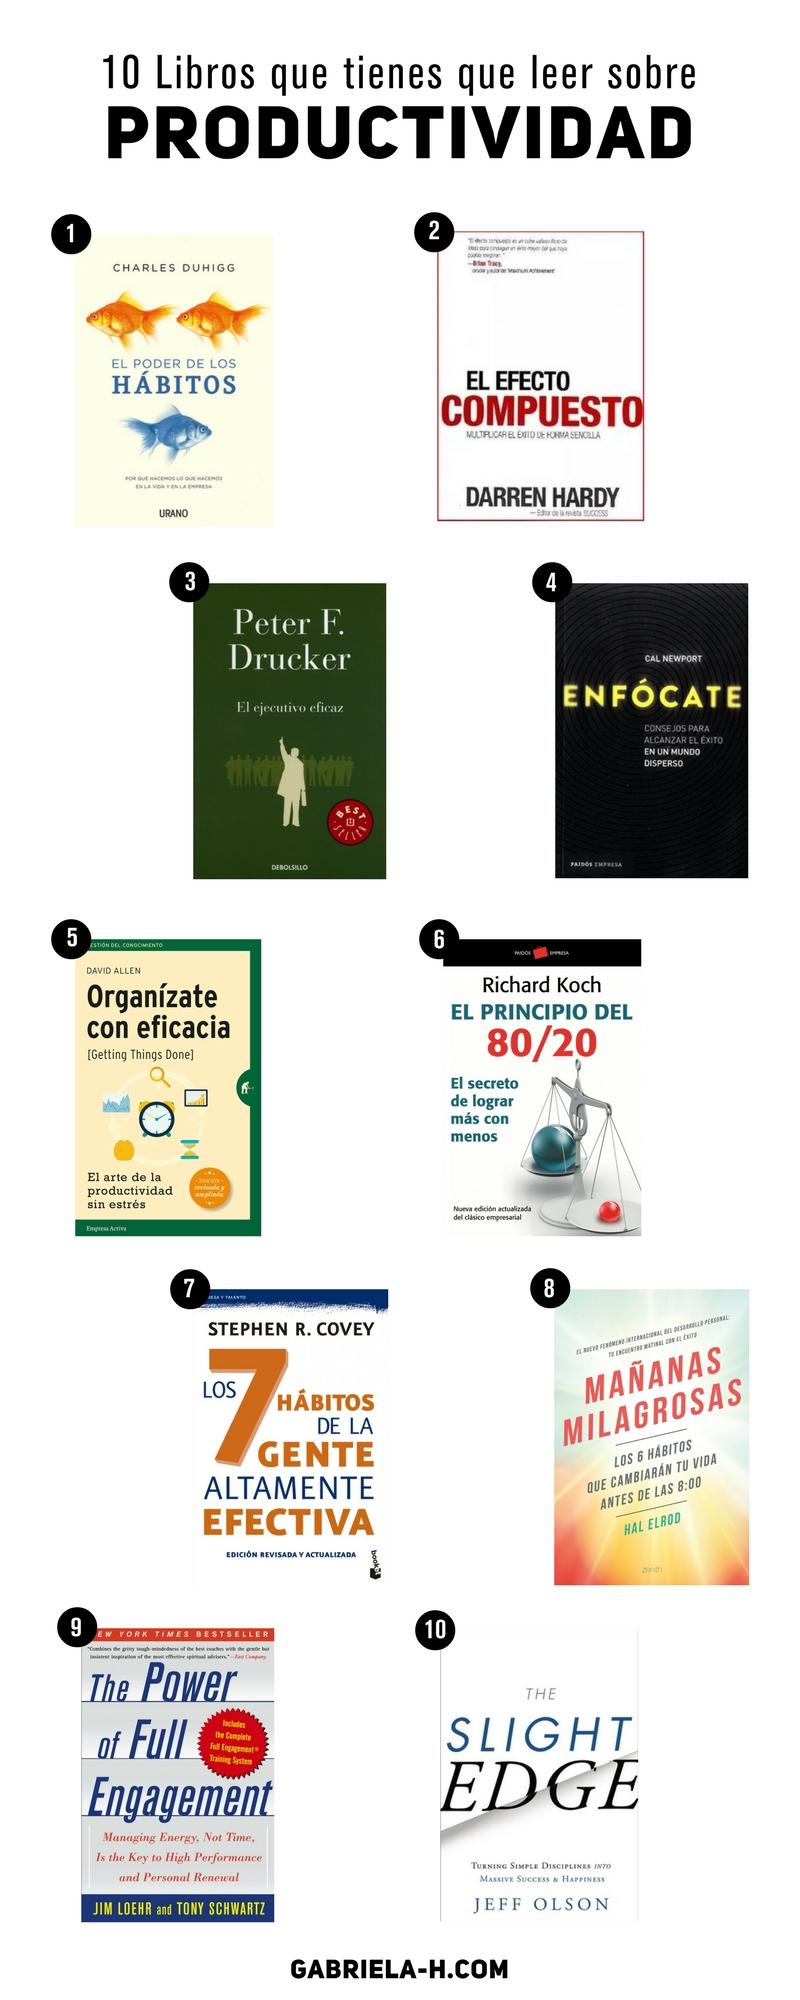 10 Libros sobre Productividad que deberías conocer #productividad #libros #lecturas #organizacion #emprendedores